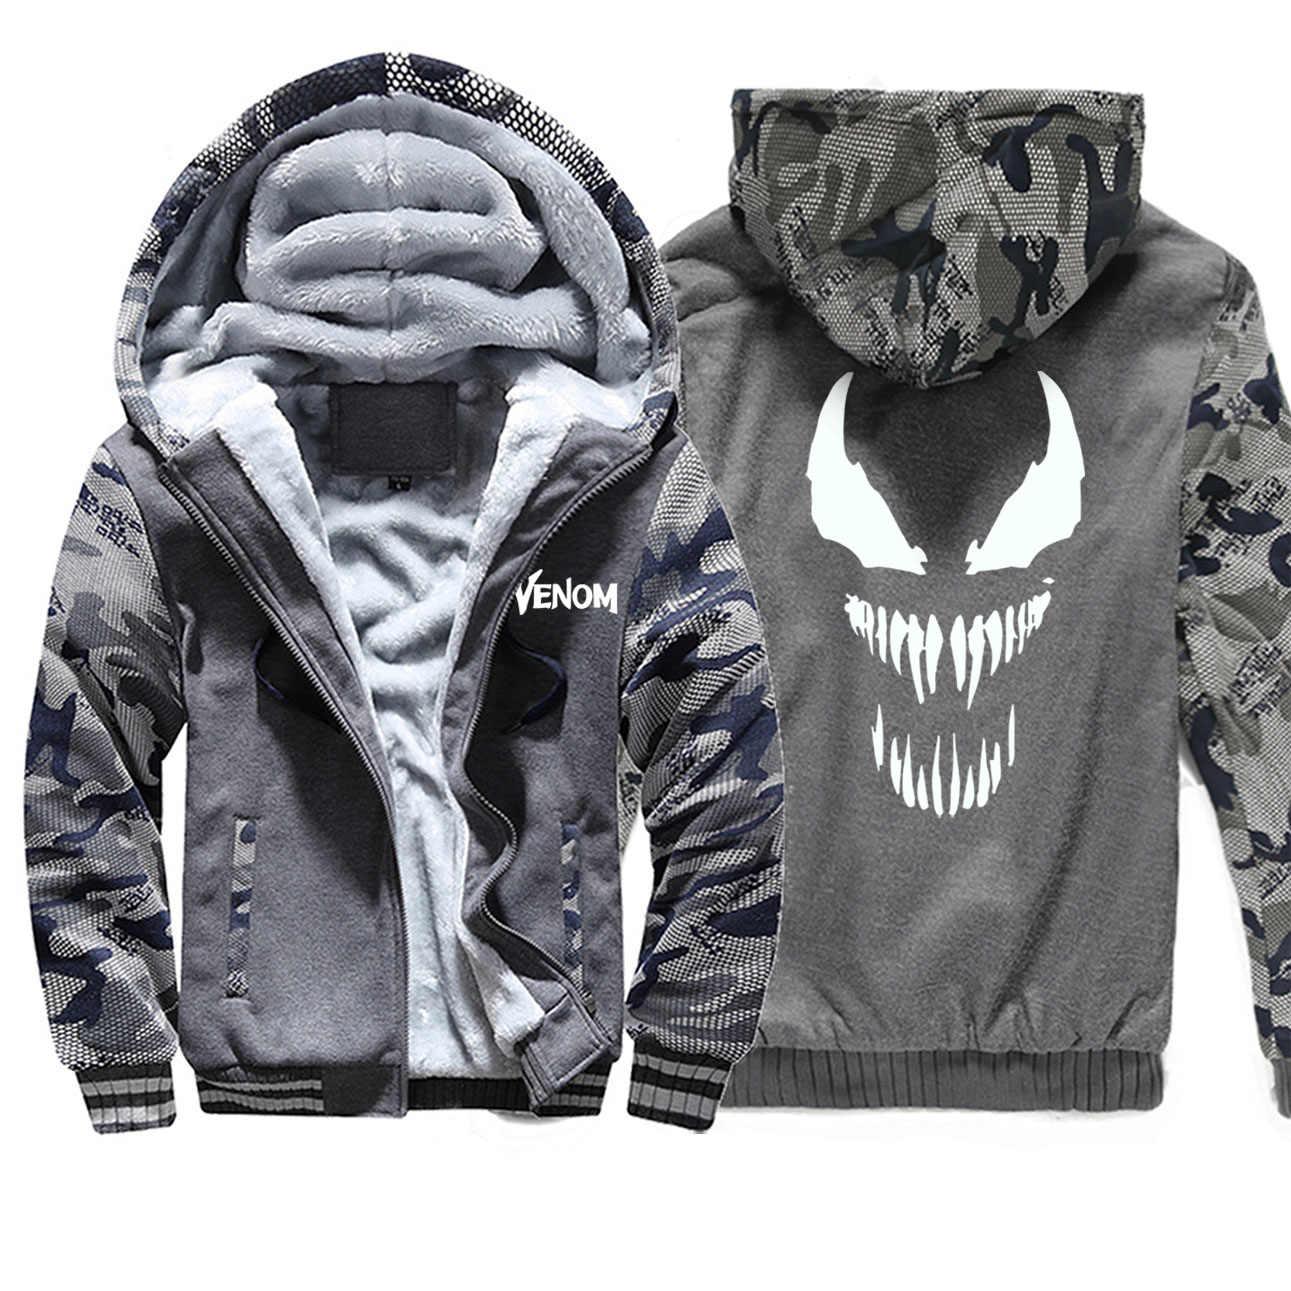 Mode Film Sweatshirt Männer Venom Superheld Anime Camo Hoodie Jacke Männer Lustige Fleece Sportswear Harajuku Streetwear Mantel